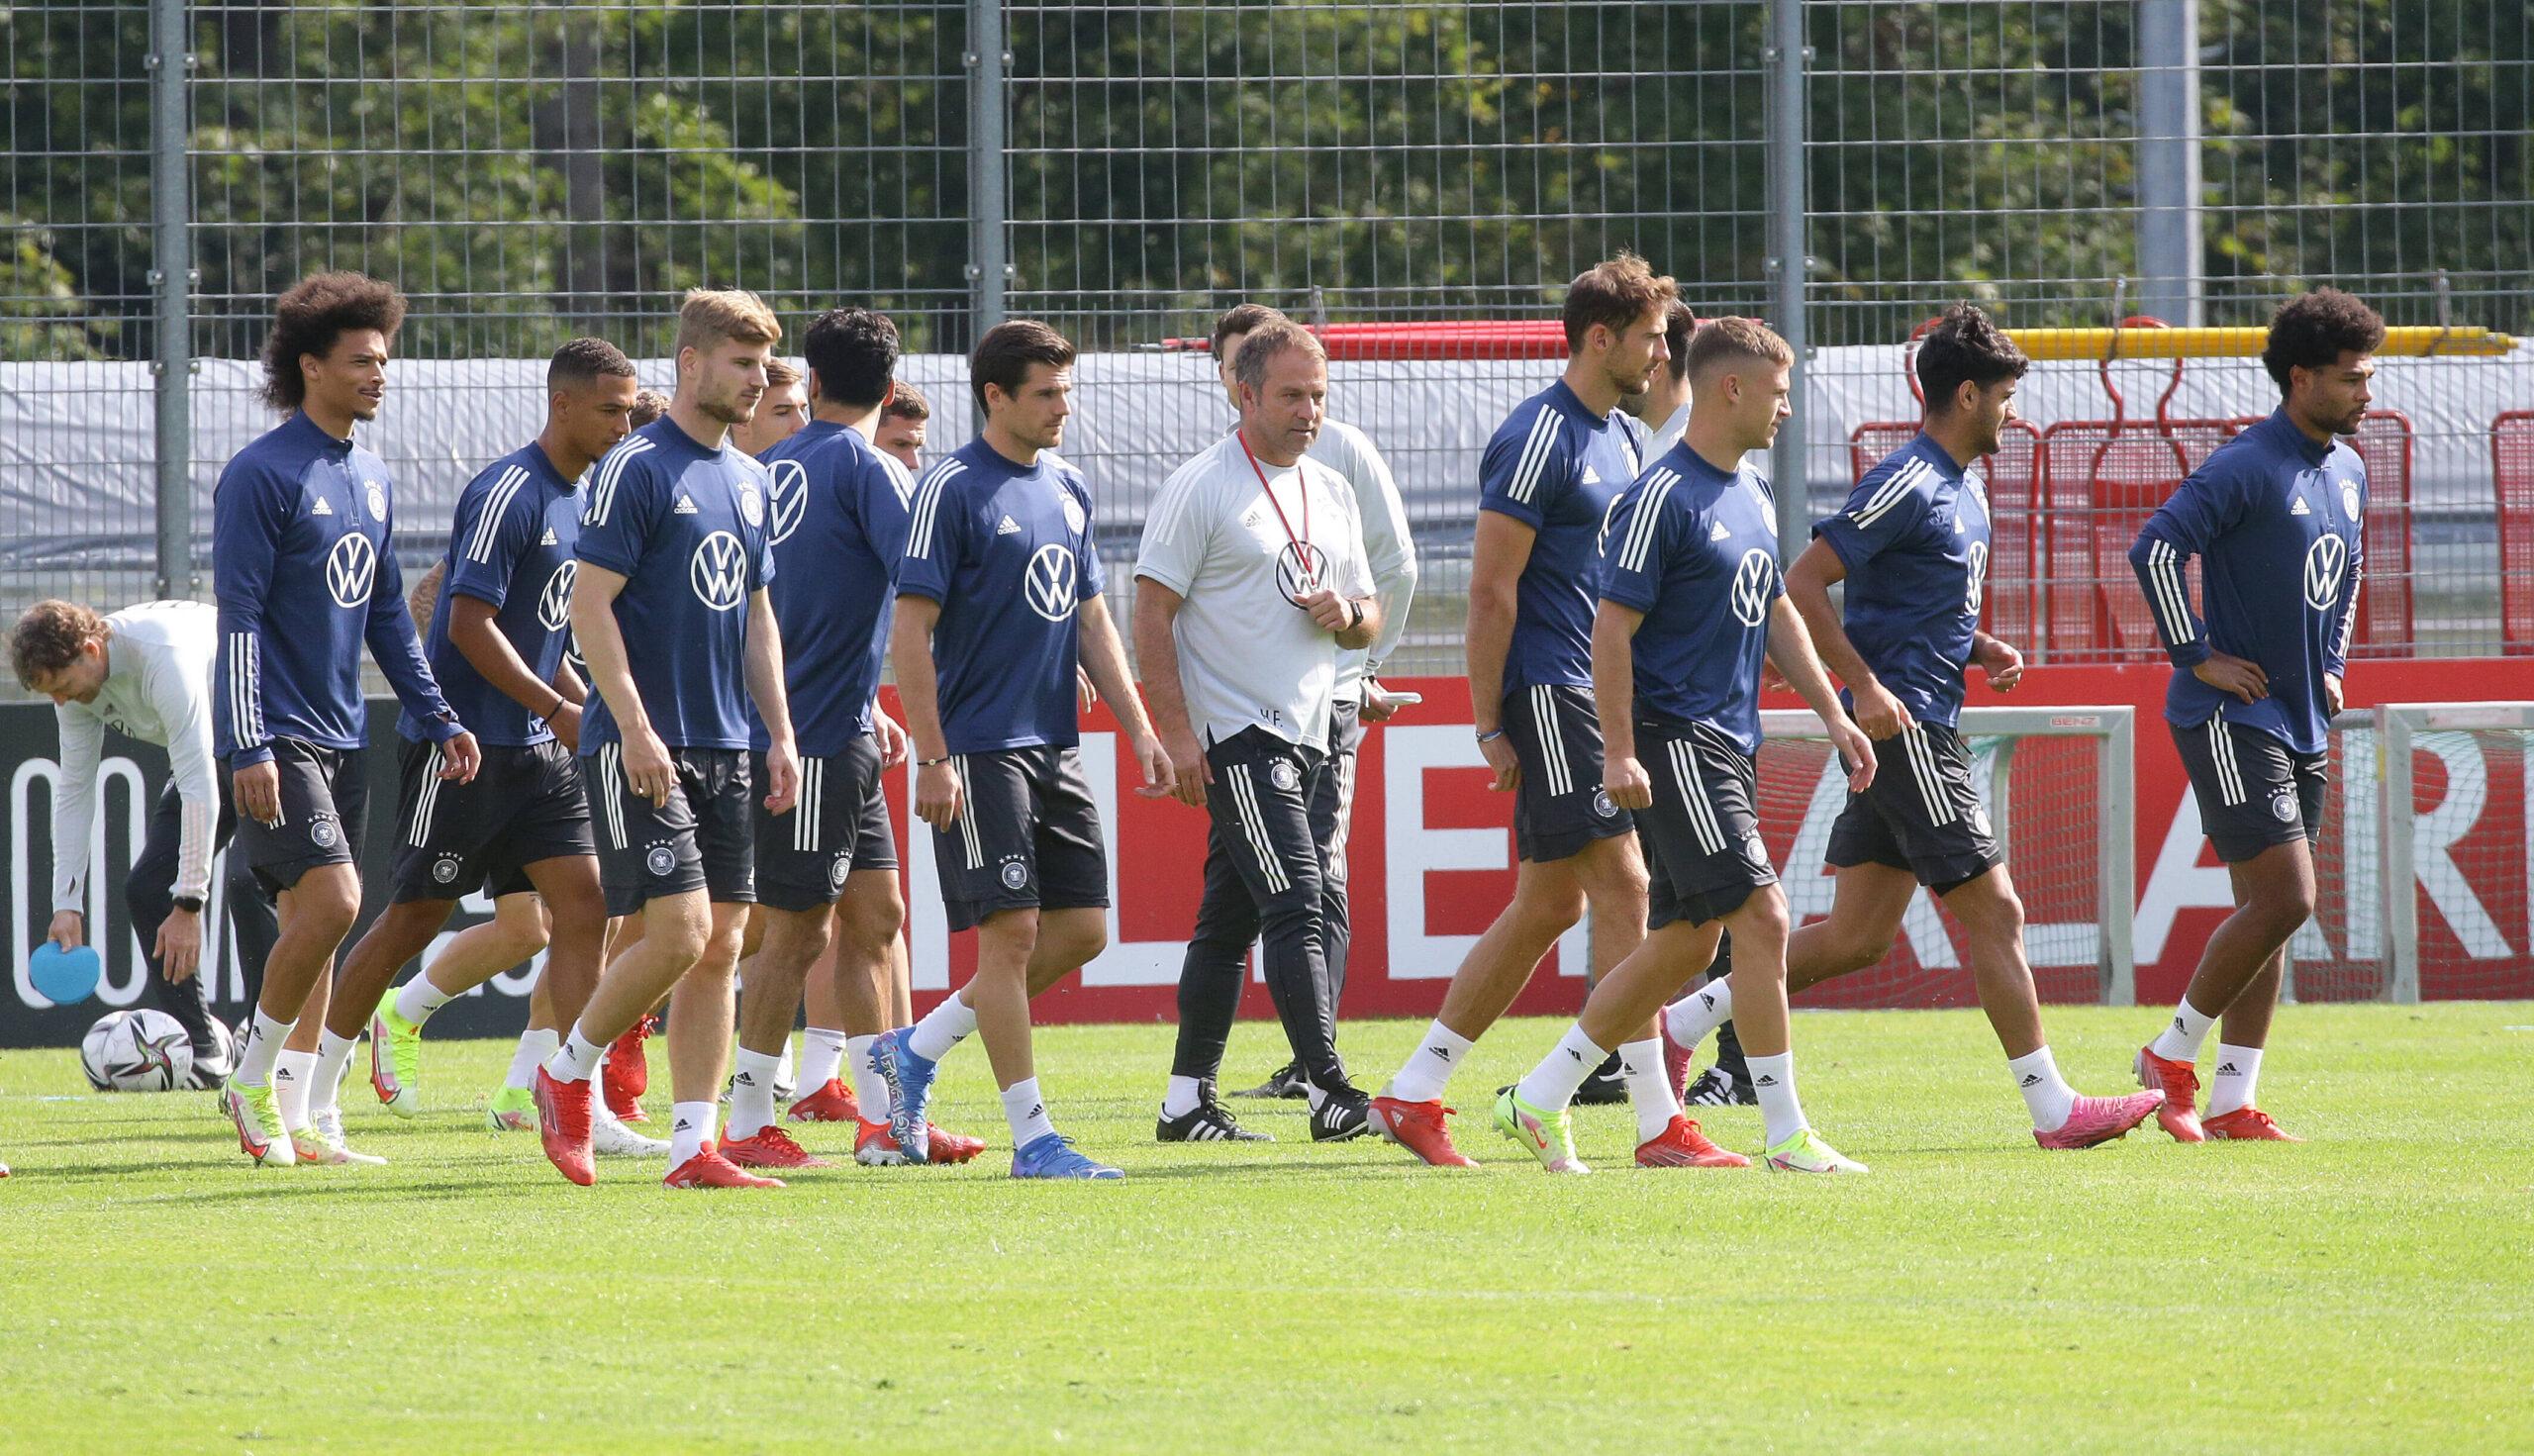 Alemania, preparada para su último encuentro en este parón de selecciones. Foto: Imago